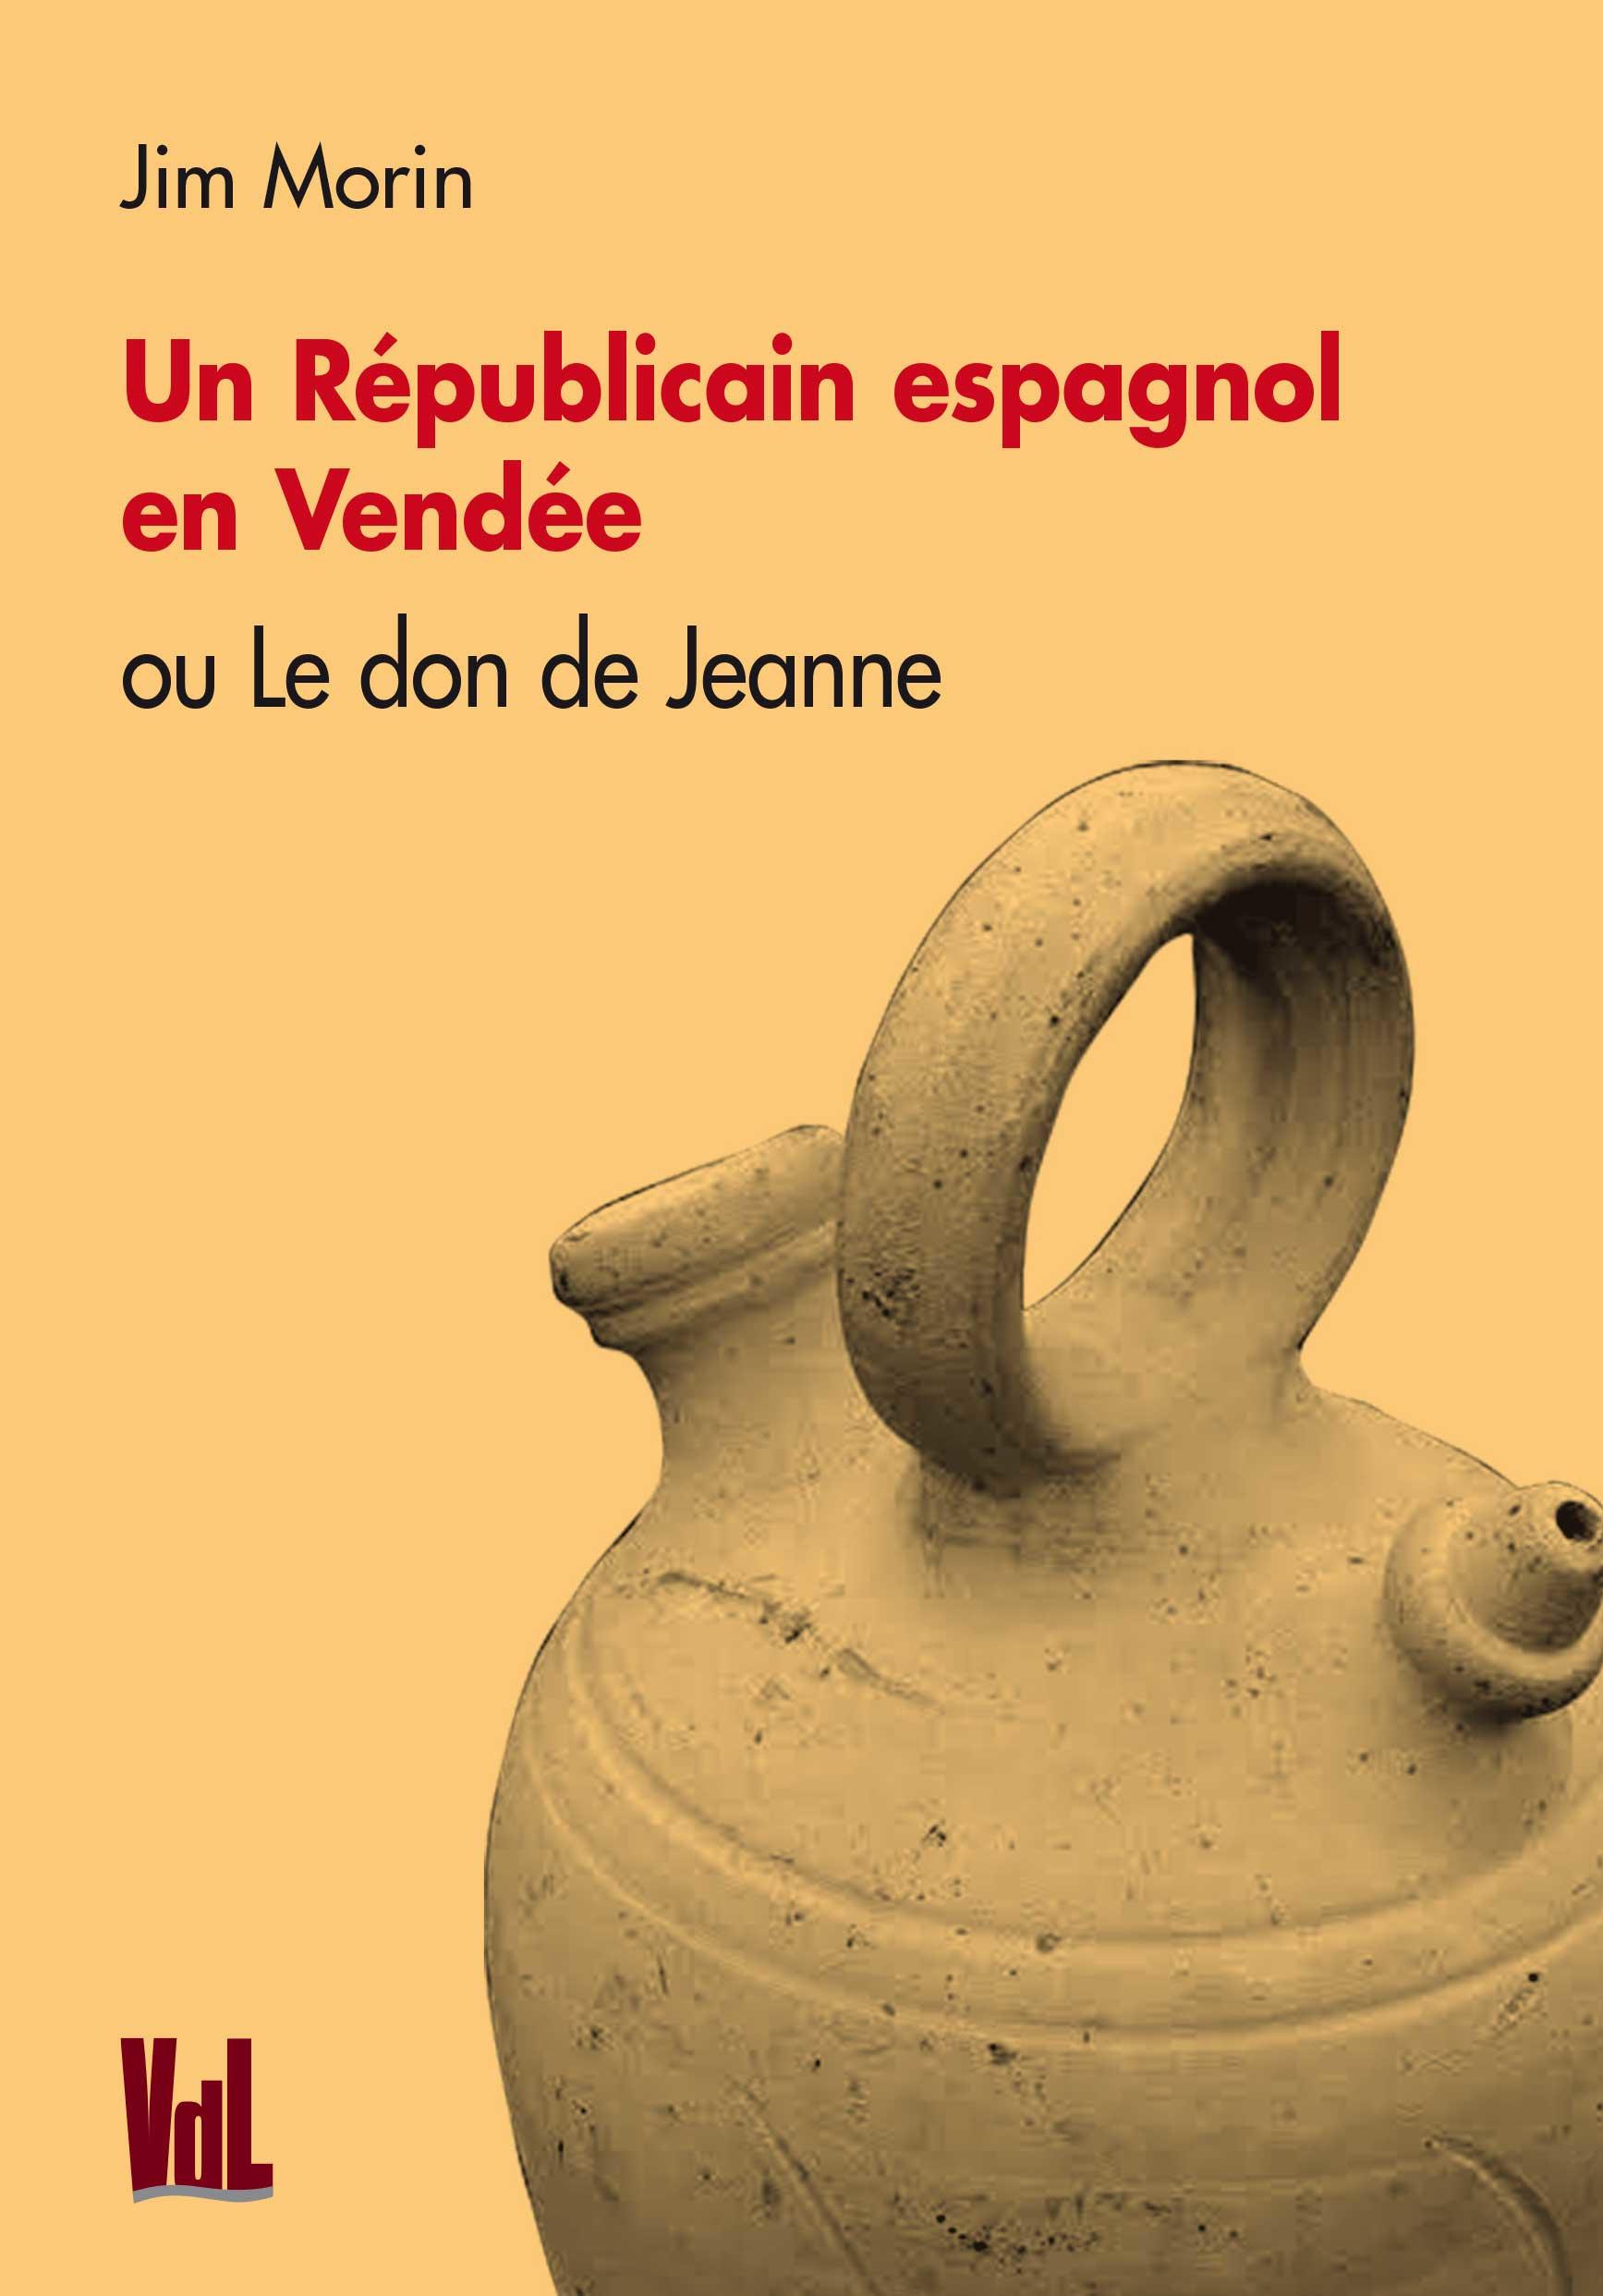 Un republicain espagnol en vendee ou le don de jeanne